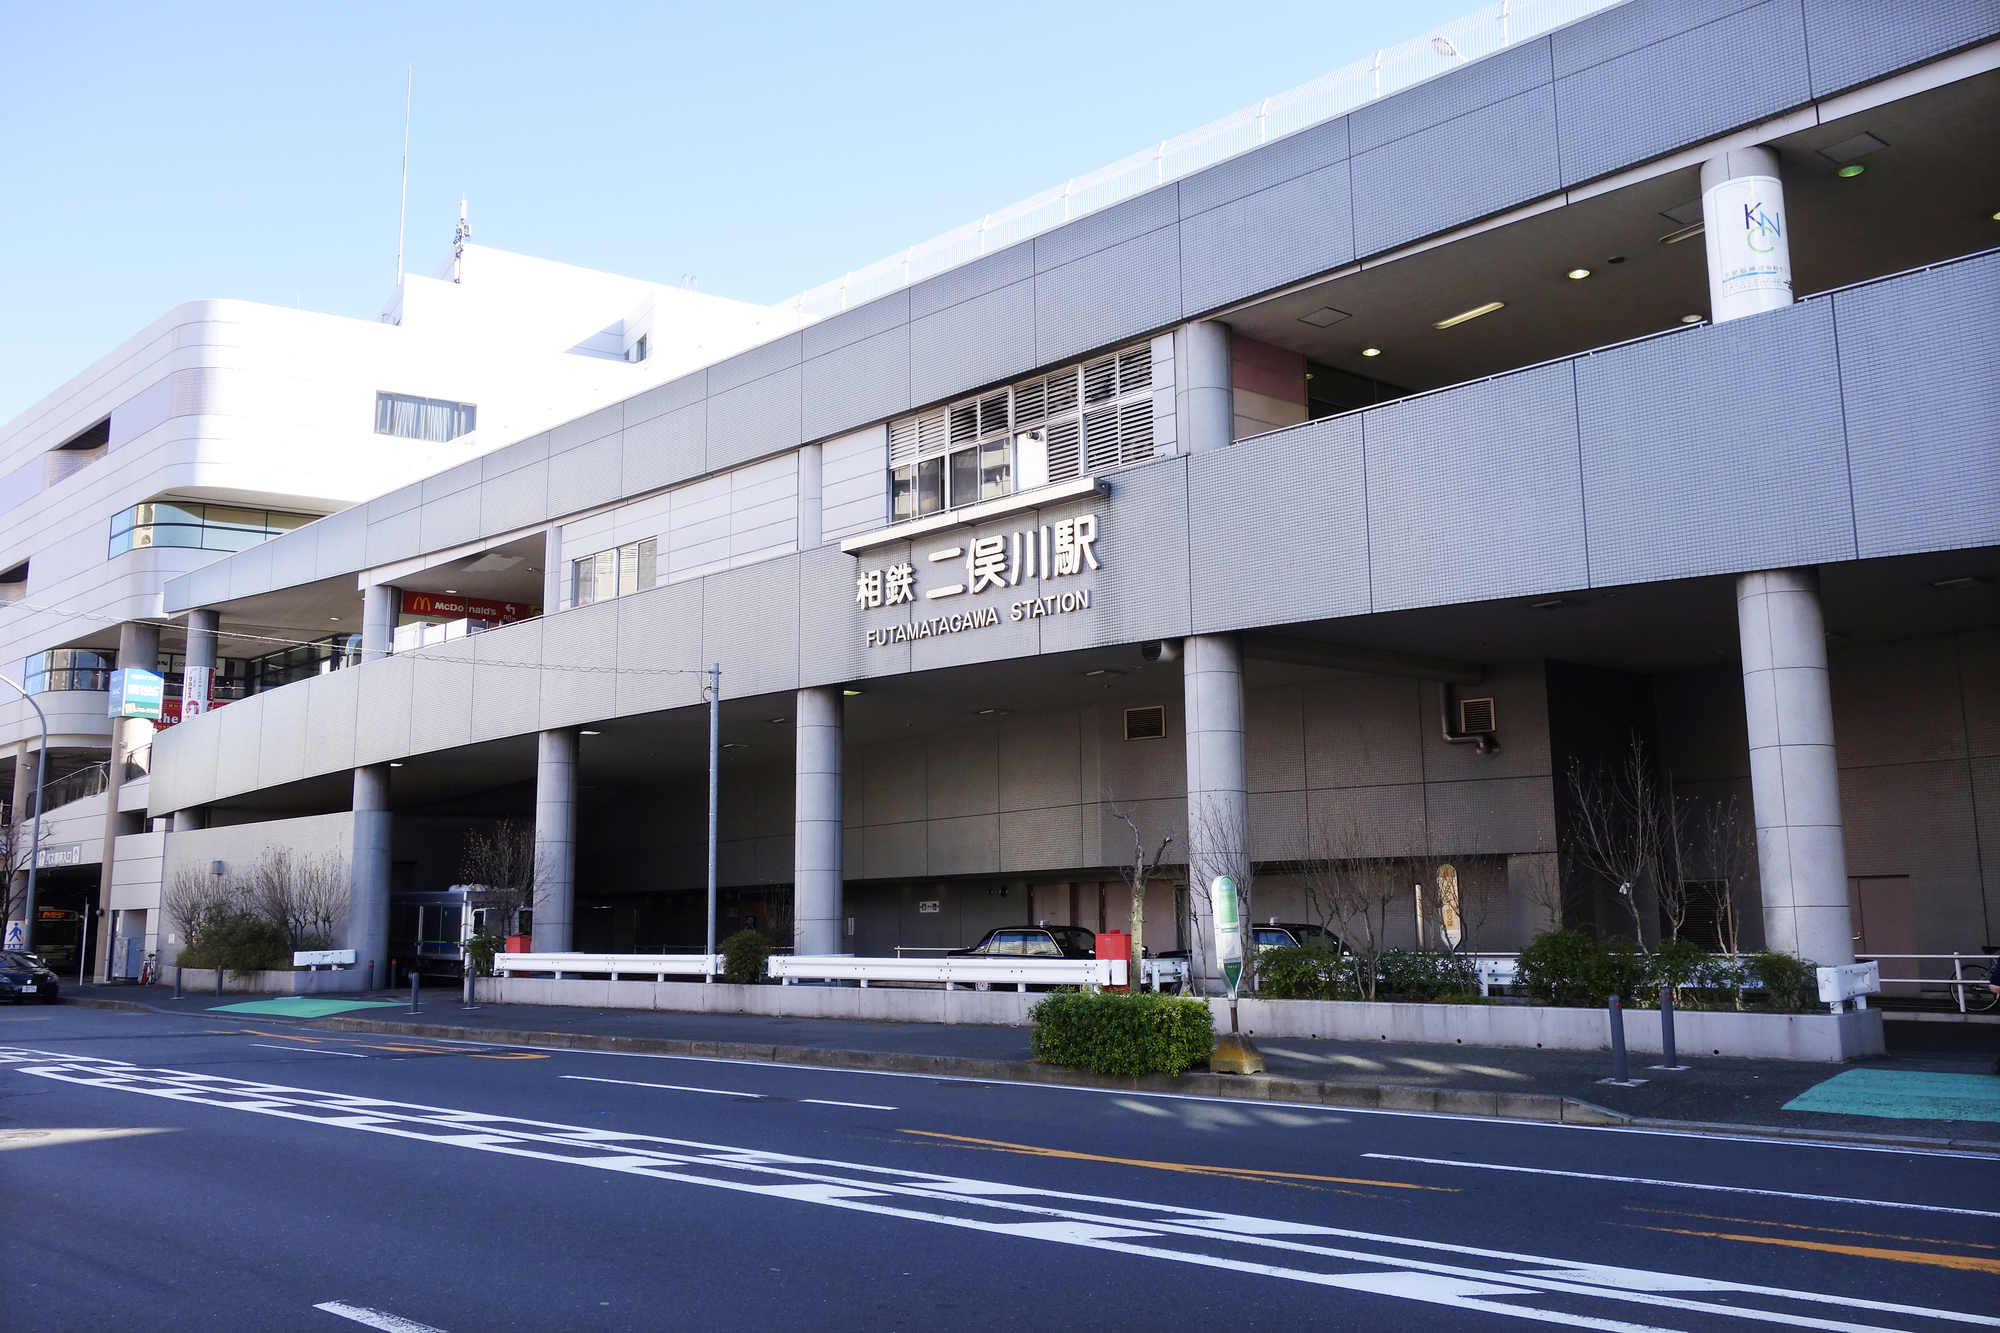 日曜に通院したい方へ!二俣川駅の歯医者さん、おすすめポイント紹介